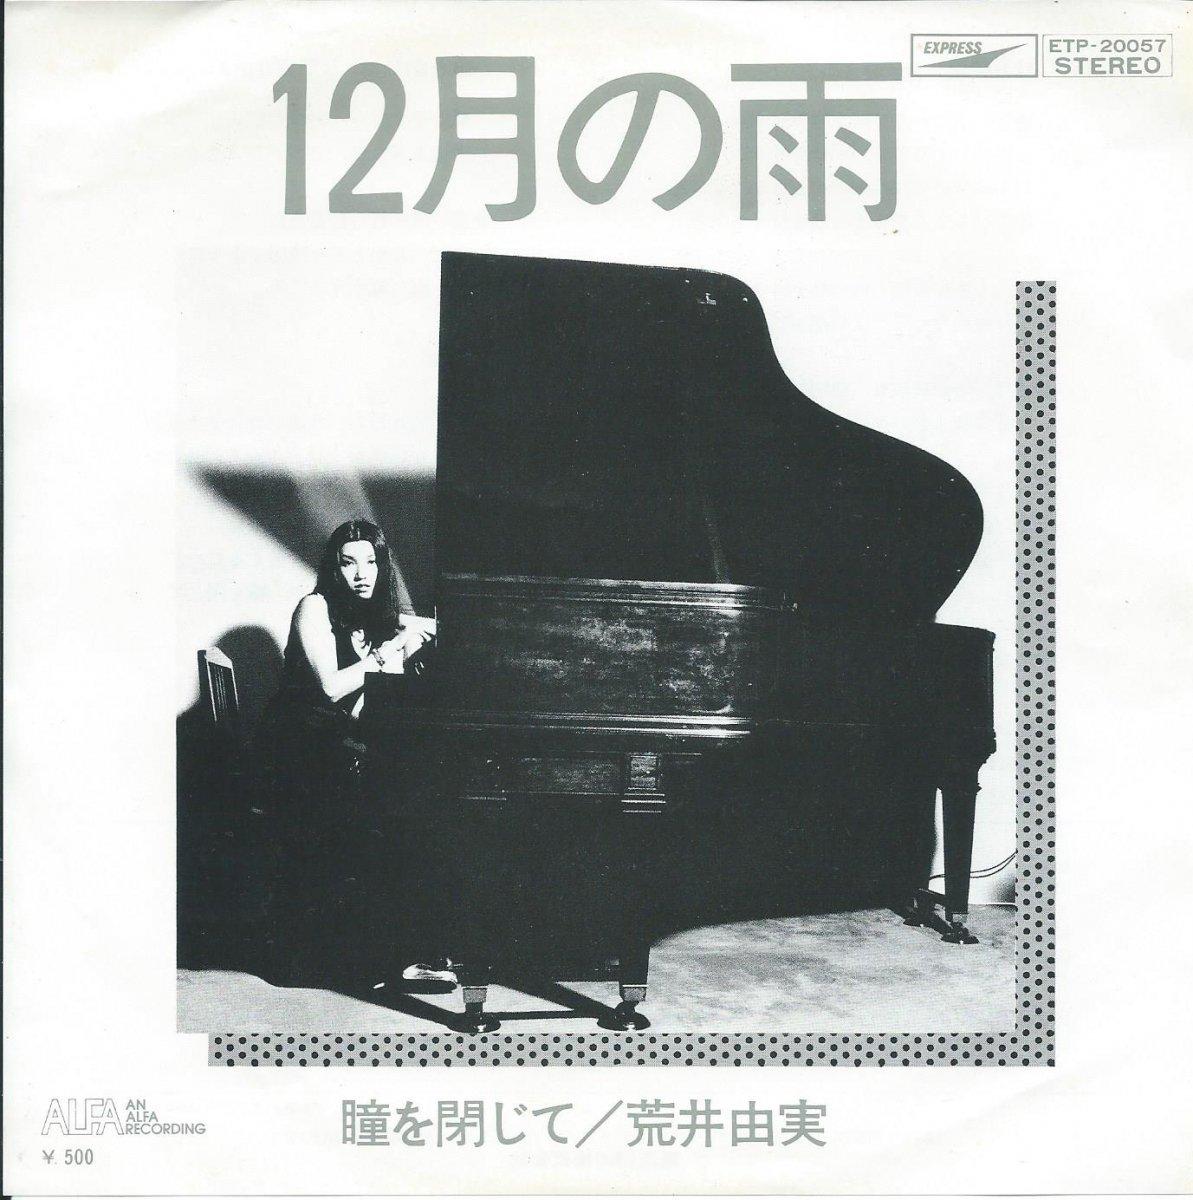 荒井由実 YUMI ARAI / 12月の雨 JUNI-GATSU NO AME / 瞳を閉じて HITOMI O TOJITE (7